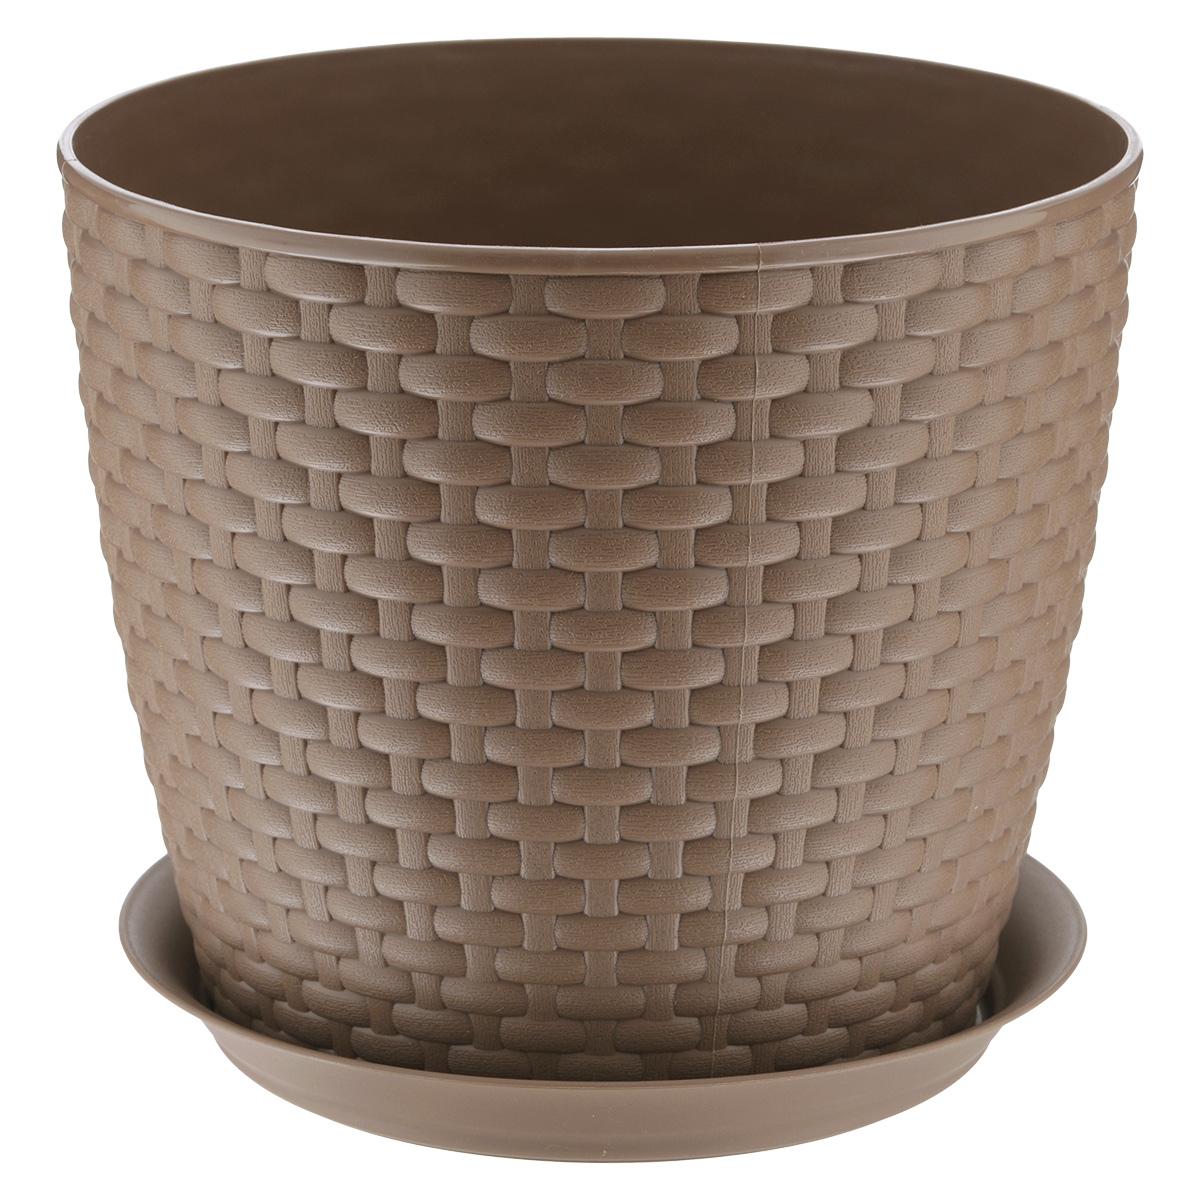 Кашпо Idea Ротанг, с поддоном, цвет: бежевый, 1 л531-401Кашпо Idea Ротанг изготовлено из высококачественного пластика. Специальный поддон предназначен для стока воды. Изделие прекрасно подходит для выращивания растений и цветов в домашних условиях. Лаконичный дизайн впишется в интерьер любого помещения. Диаметр поддона: 13 см. Объем кашпо: 1 л.Диаметр кашпо по верхнему краю: 13 см.Высота кашпо: 11,5 см.